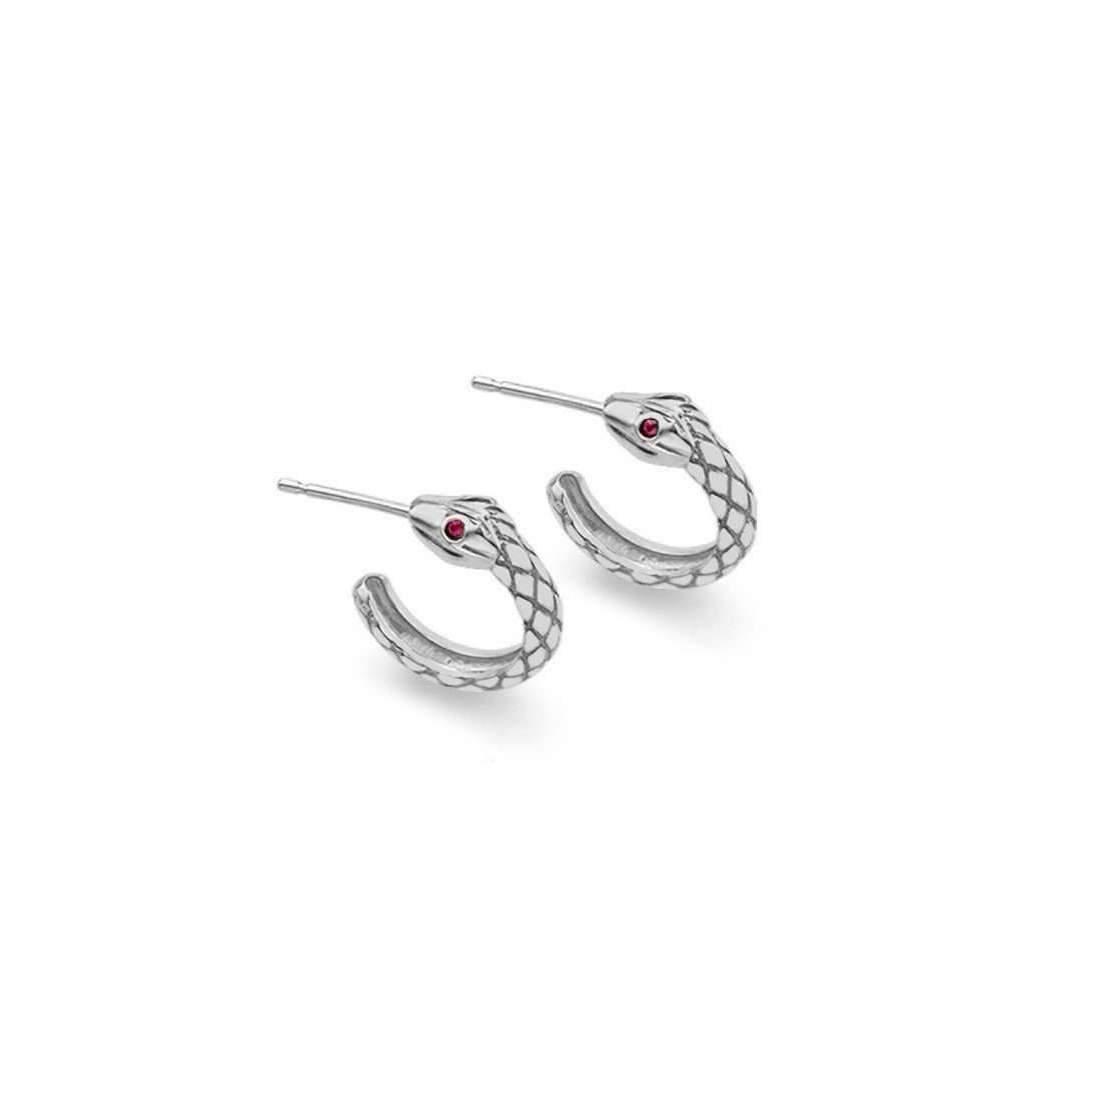 London Road Jewellery Kew Serpent Sterling Silver Ruby Hoop Earrings kXwJD